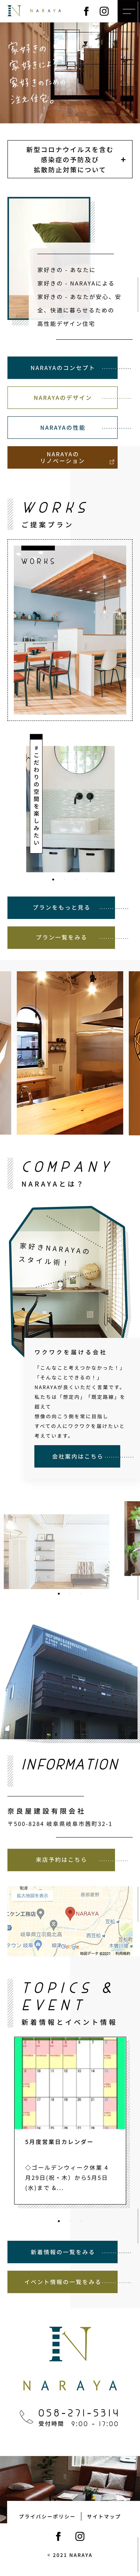 奈良屋建設有限会社 様 SPデザイン